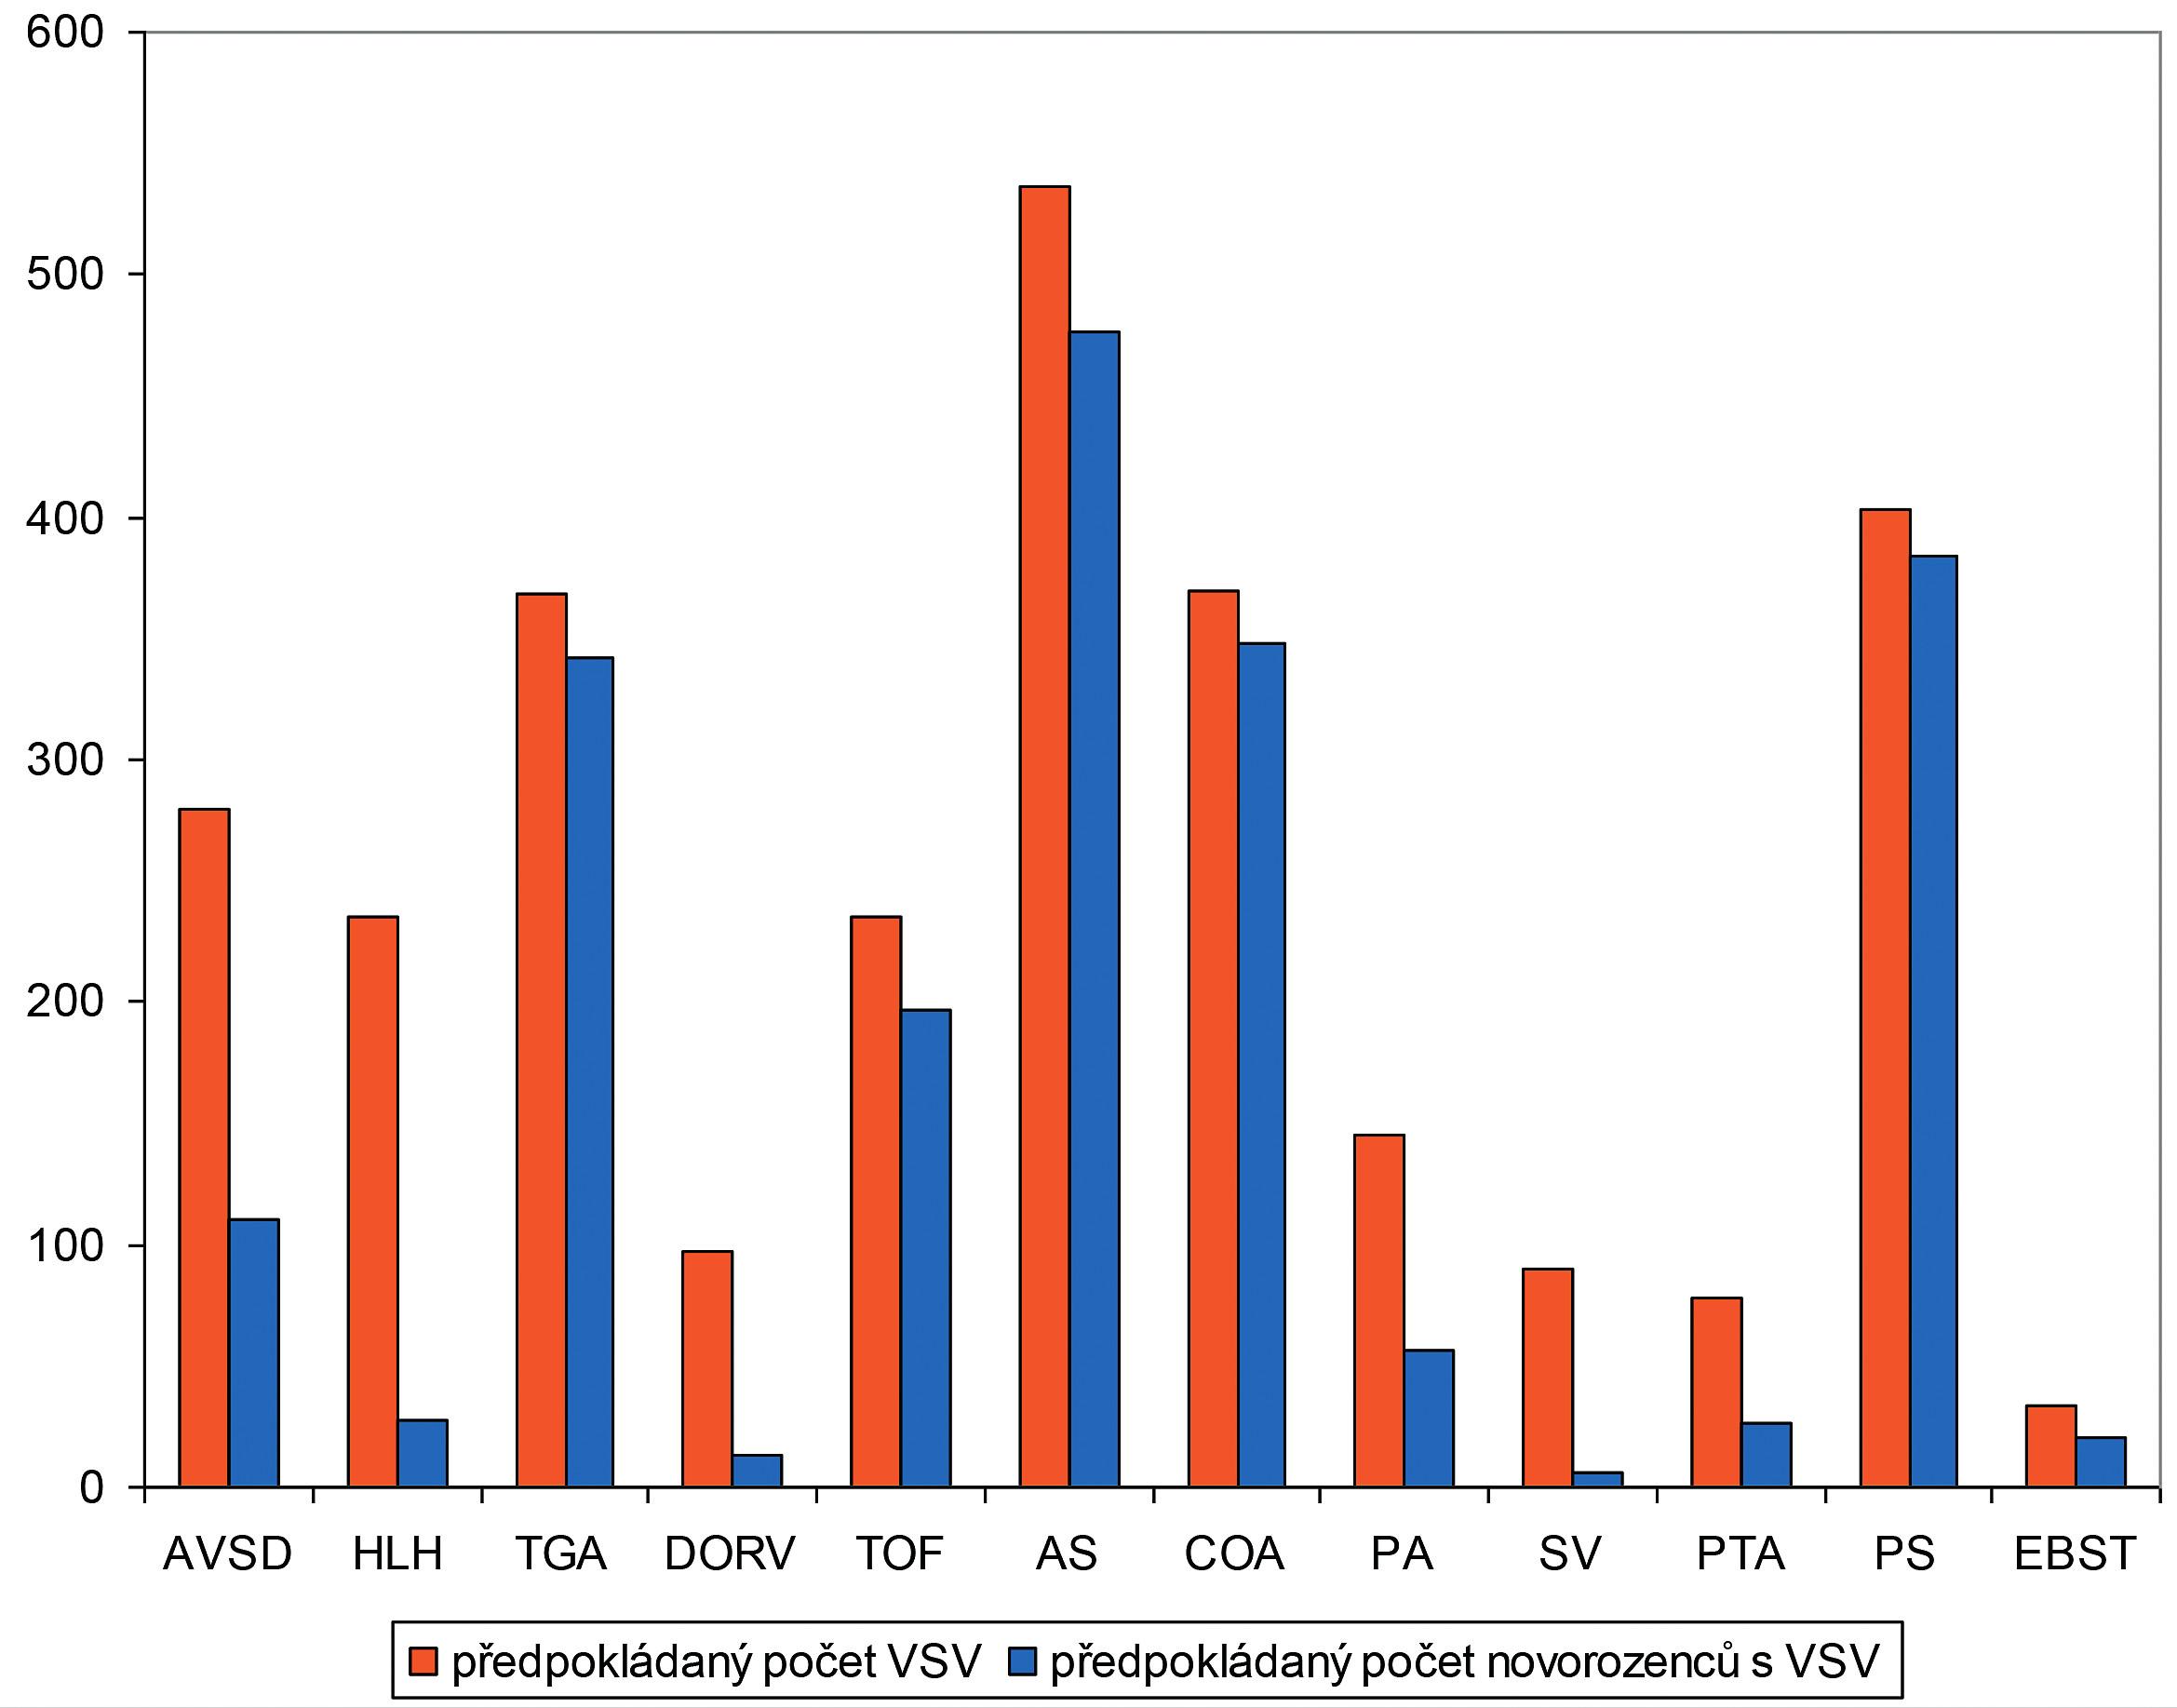 Změna v postnatálním spektru vrozených srdečních vad v letech 2006–2015. Statistická významnost (p) mezi předpokládaným počtem VSV a předpokládaným počtem novorozenců po odečtení ukončených těhotenství. AVSD (p <0,001) – atrioventrikulární defekt, HLH (p <0,001) – syndrom hypoplazie levého srdce, TGA (ns) – transpozice velkých arterií, DORV (p <0,001) – dvojvýtoková pravá komora, TOF (p = 0,02) – Fallotova tetralogie, AS (p <0,001) – aortální stenóza, COA (ns) – koarktace aorty, PA (p <0,001) – atrézie plicnice, SV (p <0,001) – společná komora, PTA (p <0,001) – arteriální trunkus, PS (ns) – stenóza plicnice, EBST (p <0,001) – Ebsteinova anomálie